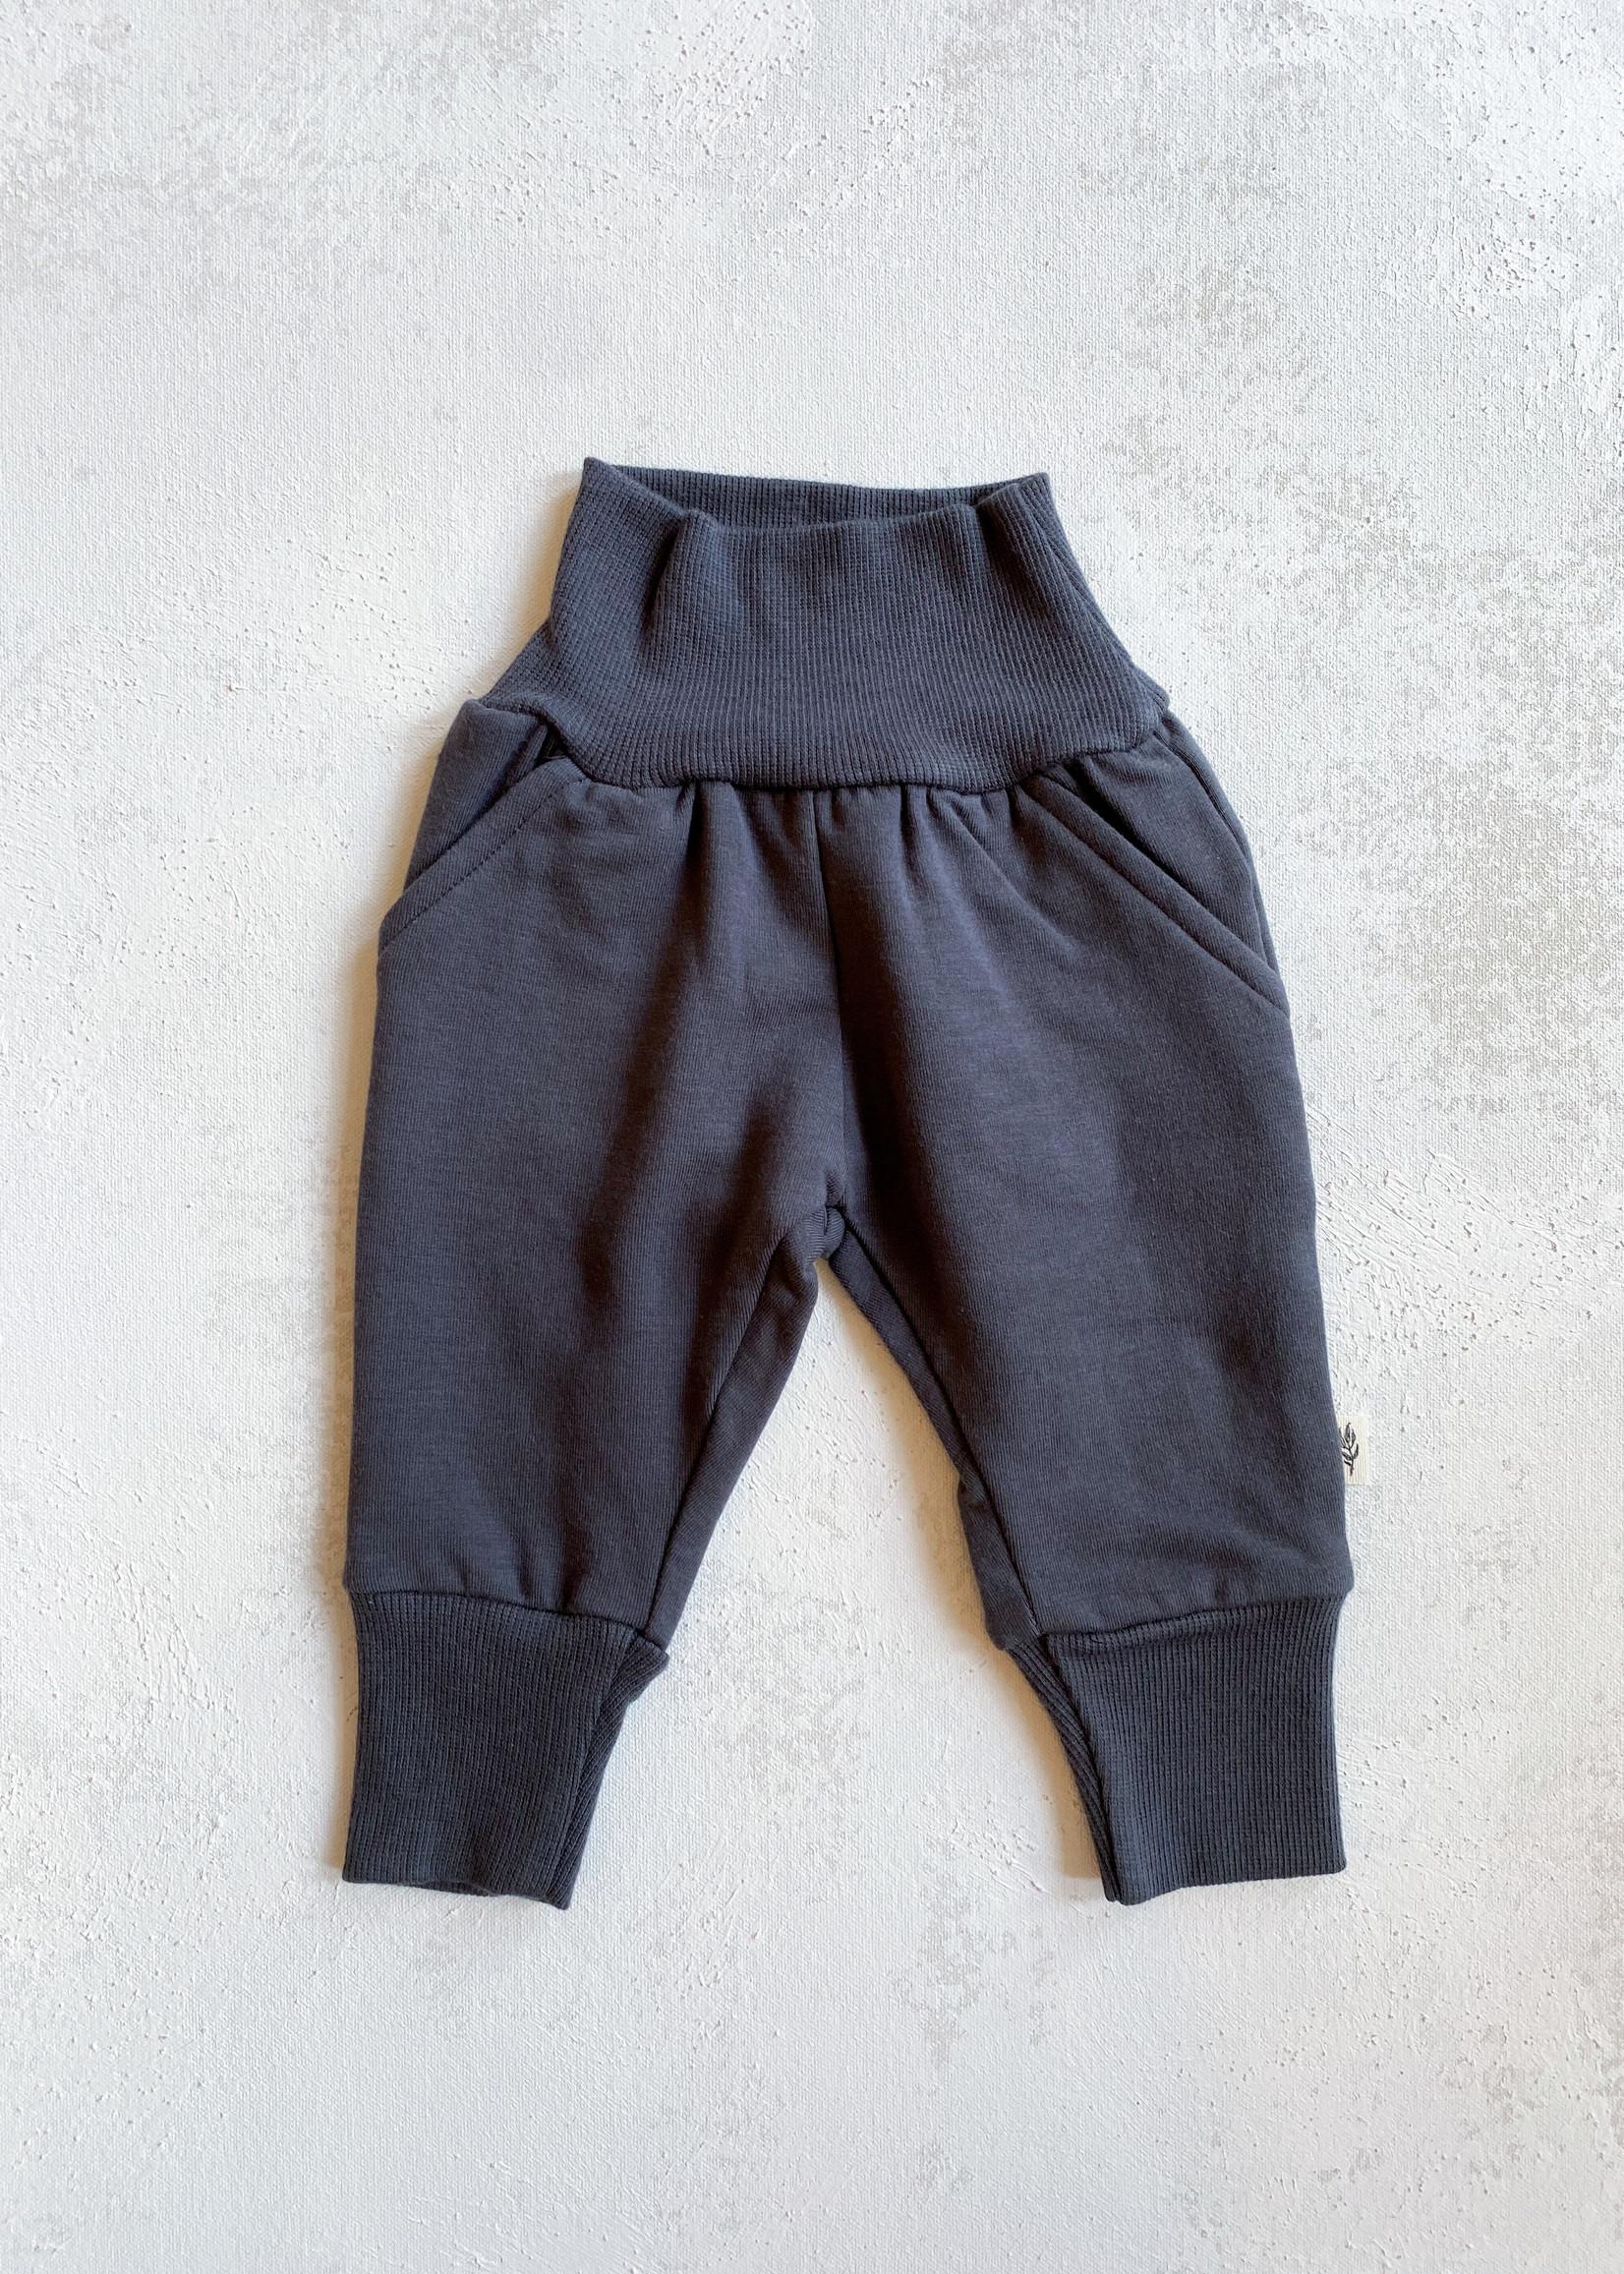 Elitaire Petite Steel Grey Fleece Sweatpants